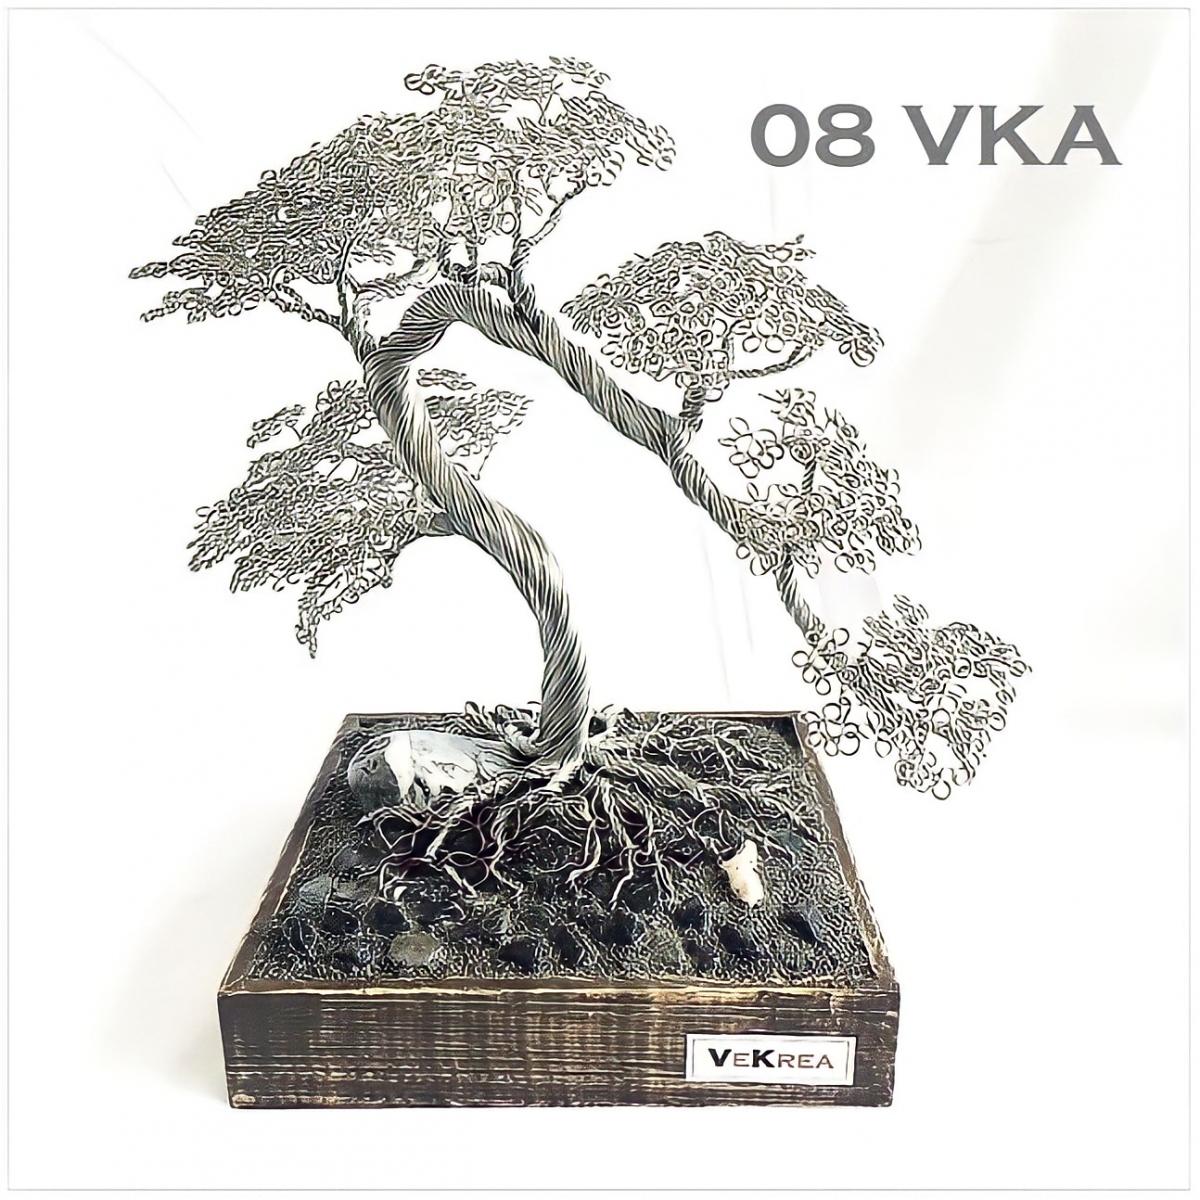 08 VKA